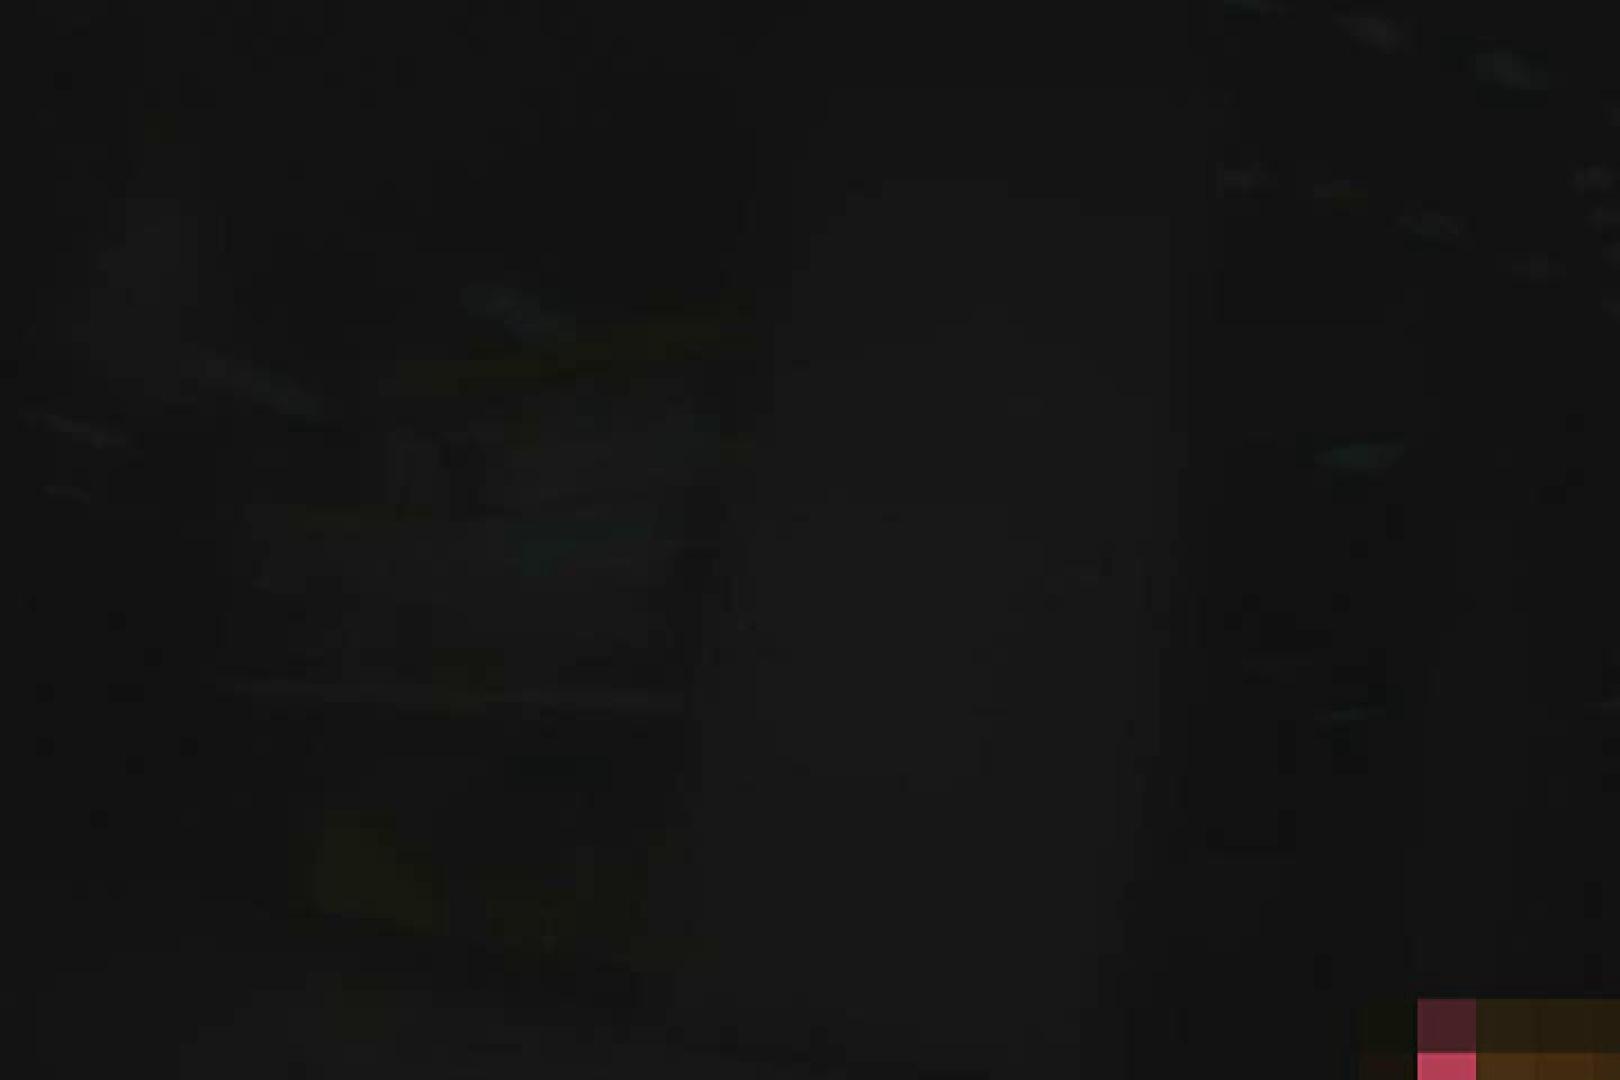 カメラぶっこみ!パンチラ奪取!!Vol.7 OLヌード天国 戯れ無修正画像 77PIX 17